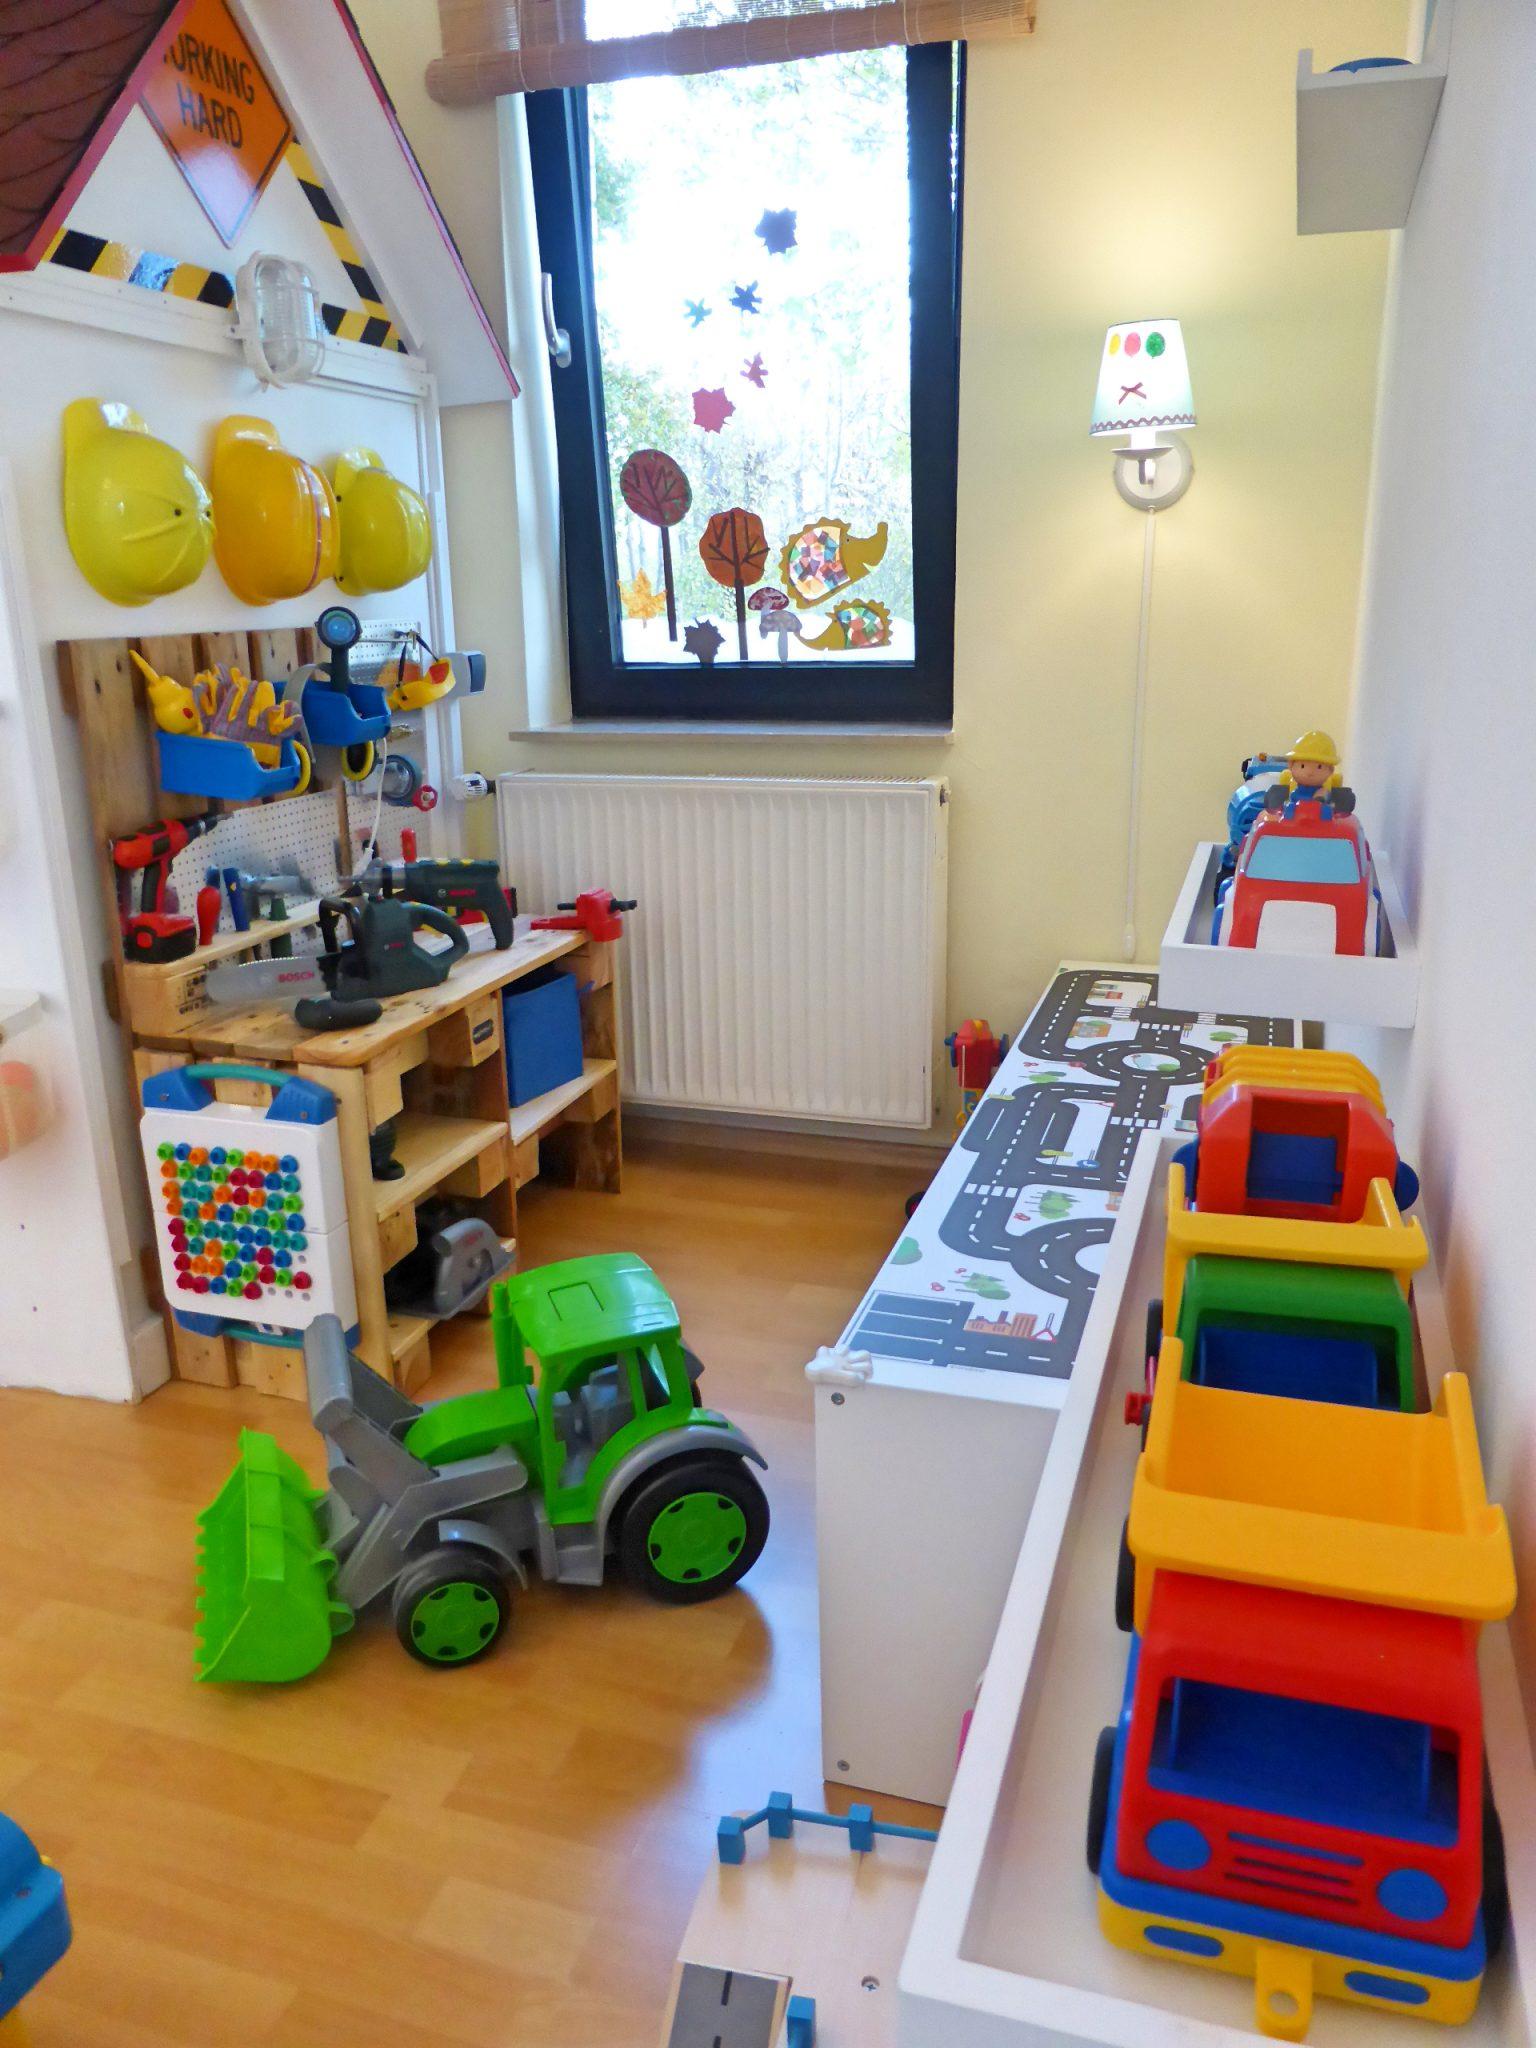 Spielzimmer 9 Kita Kid Zone Kinderbetreuung - Betreuungspaket